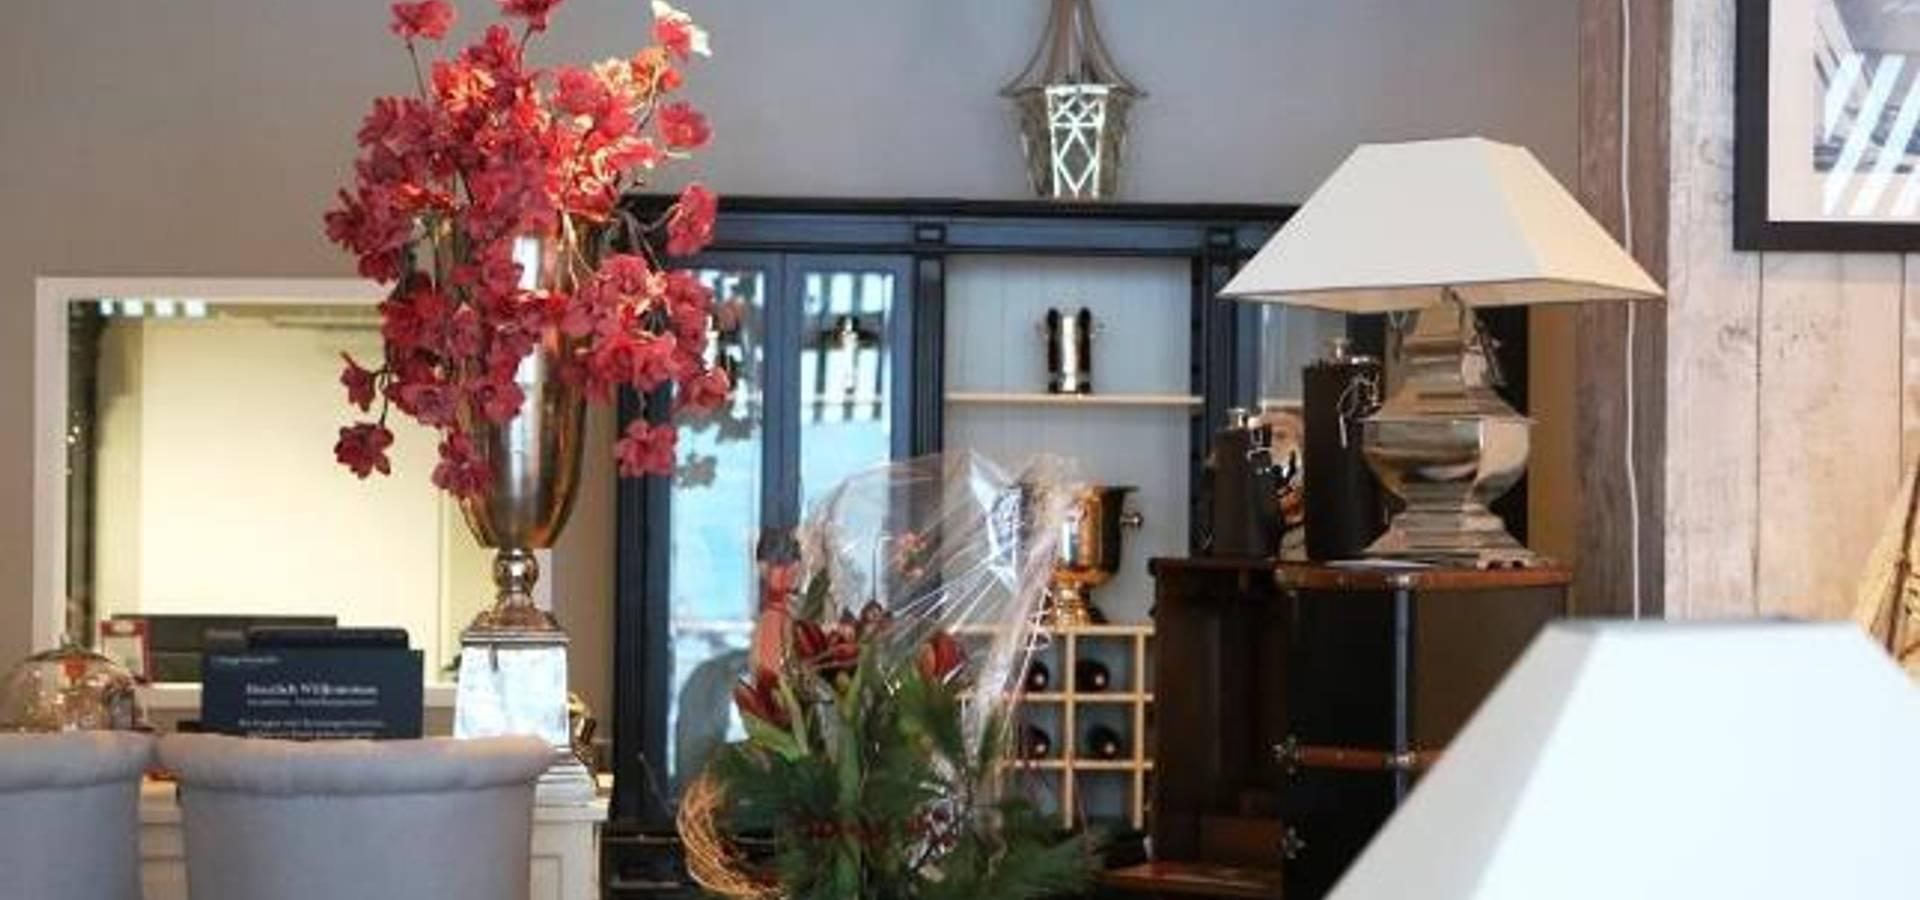 cottagehomeart est 2012 m belhaus interior design. Black Bedroom Furniture Sets. Home Design Ideas